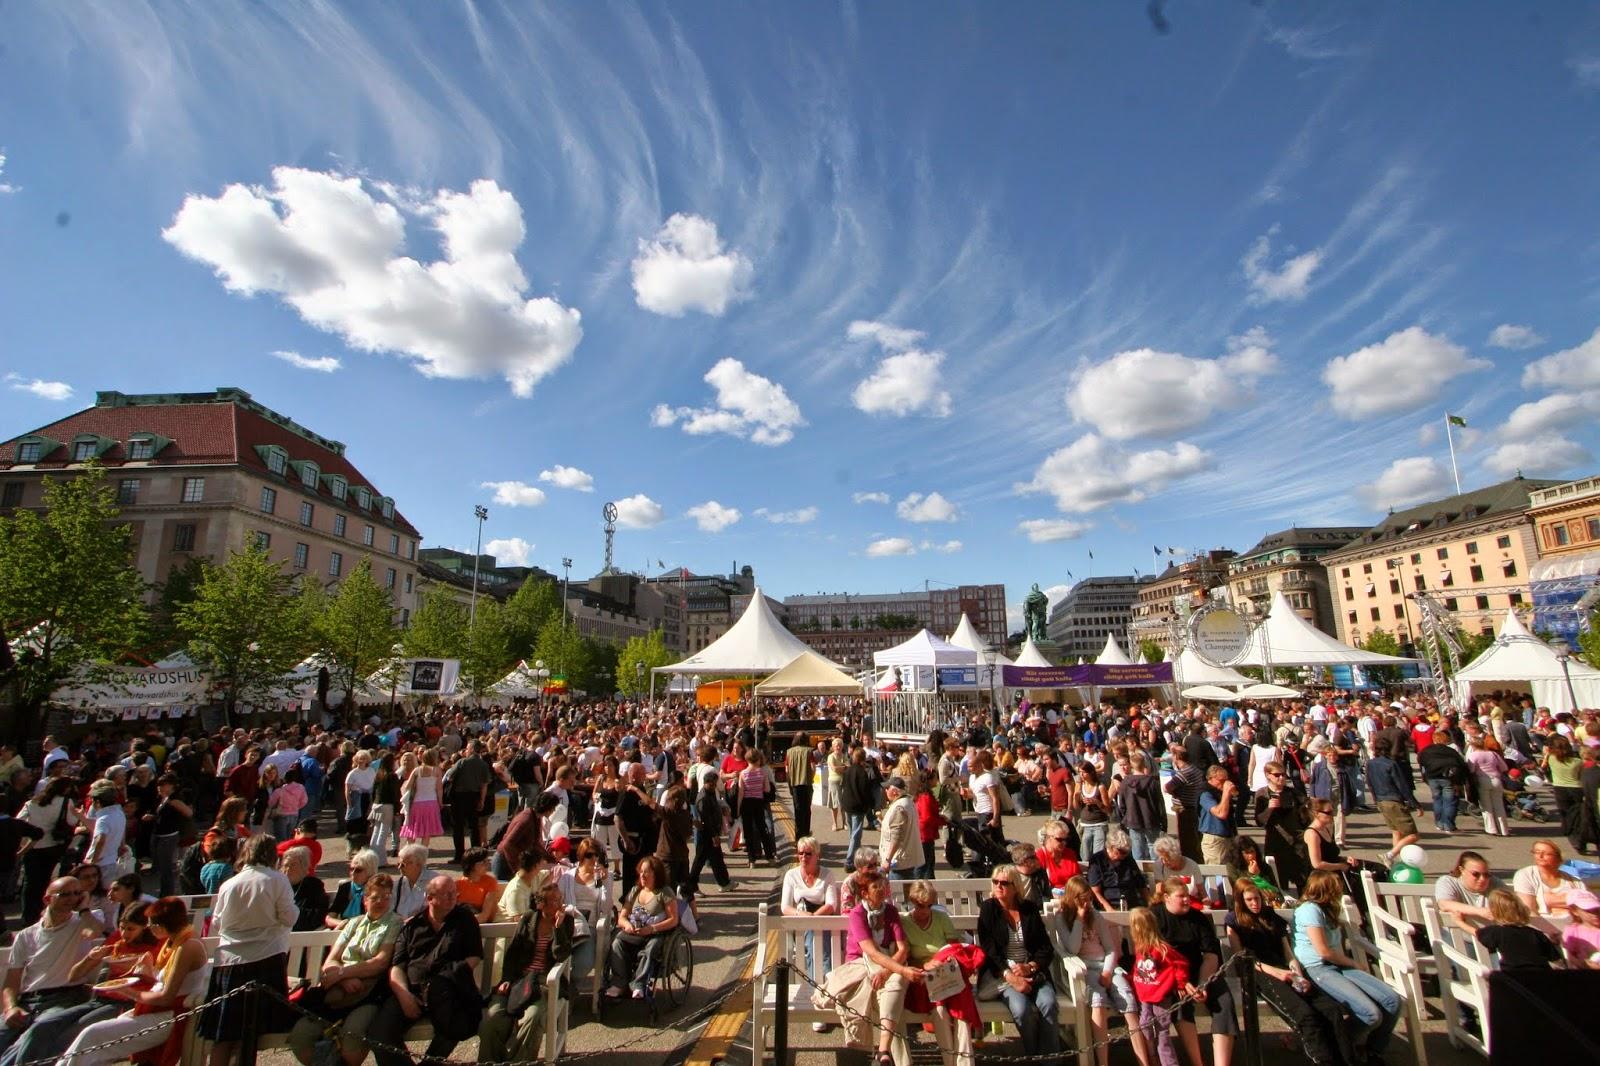 fest borttagningsmedel analsex i Stockholm